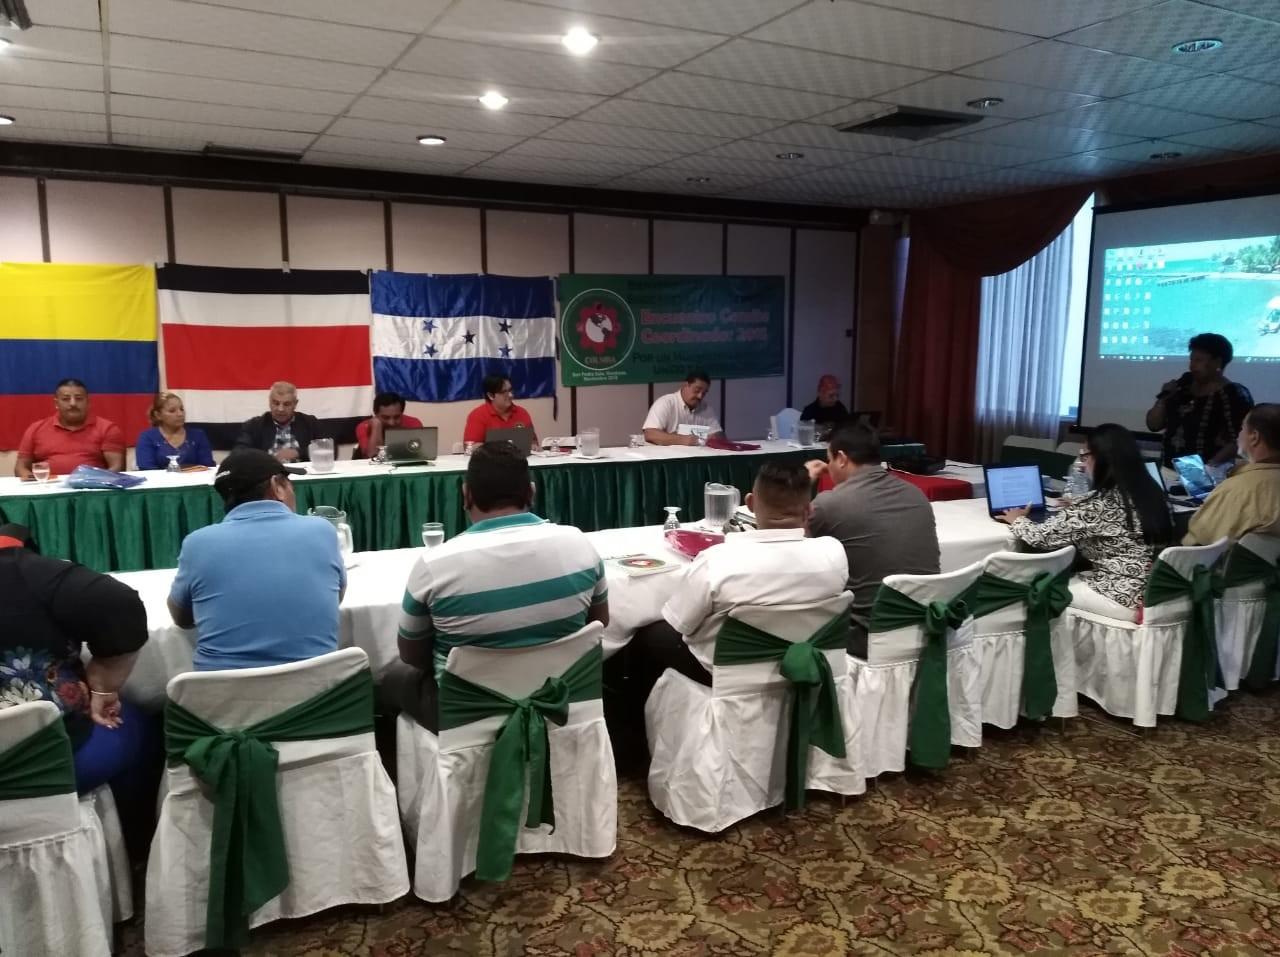 Se reunen Sindicalistas Agricolas de Latinoamerica en Honduras en Encuentro de la COLSIBA